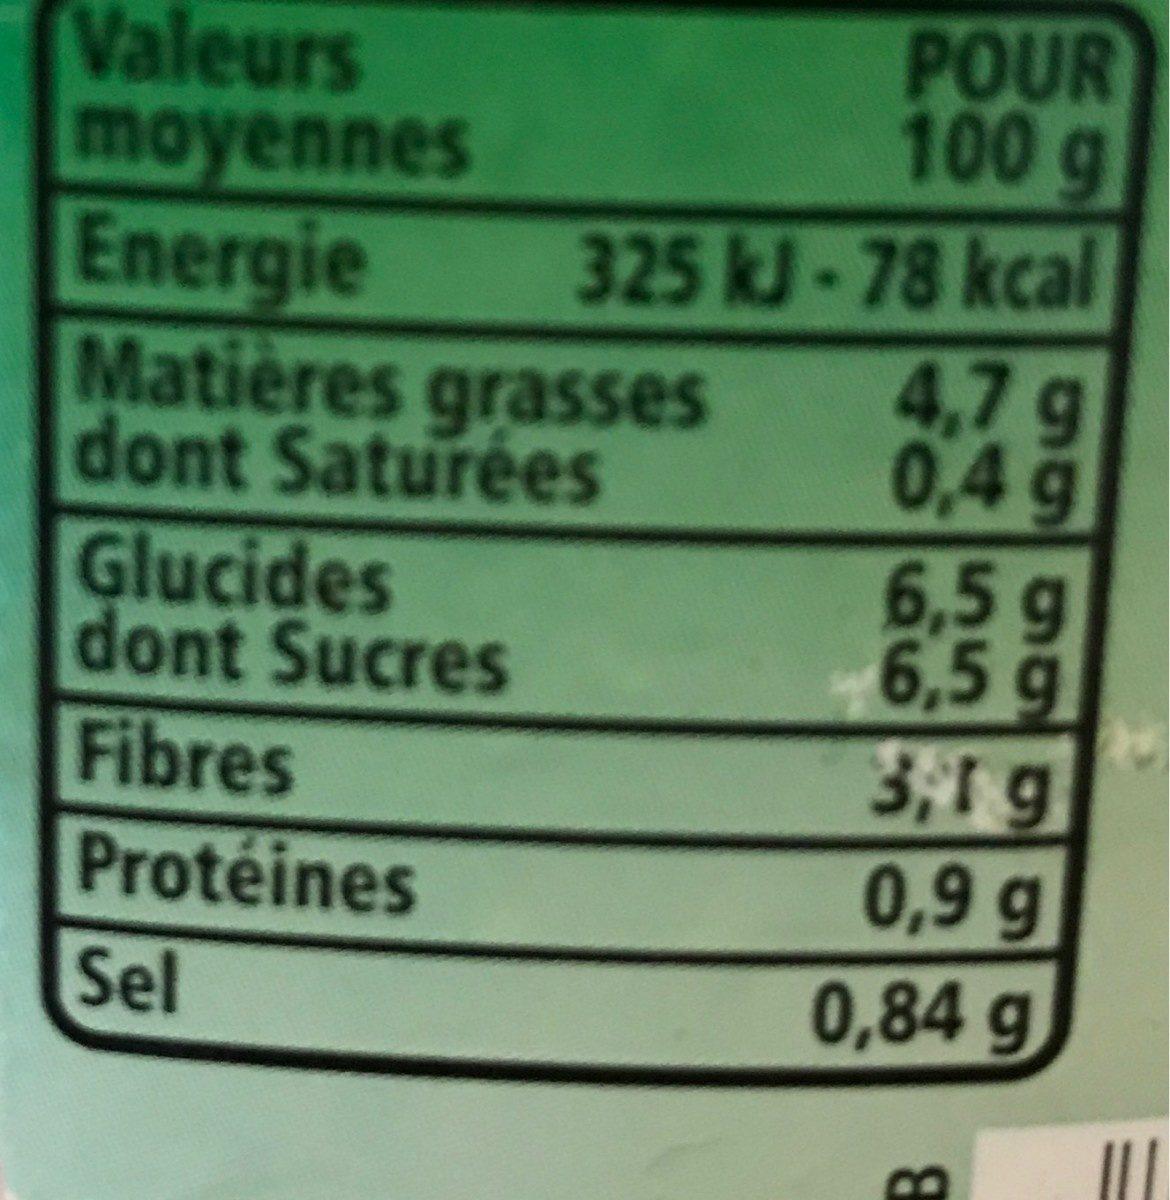 Coleslaw - Información nutricional